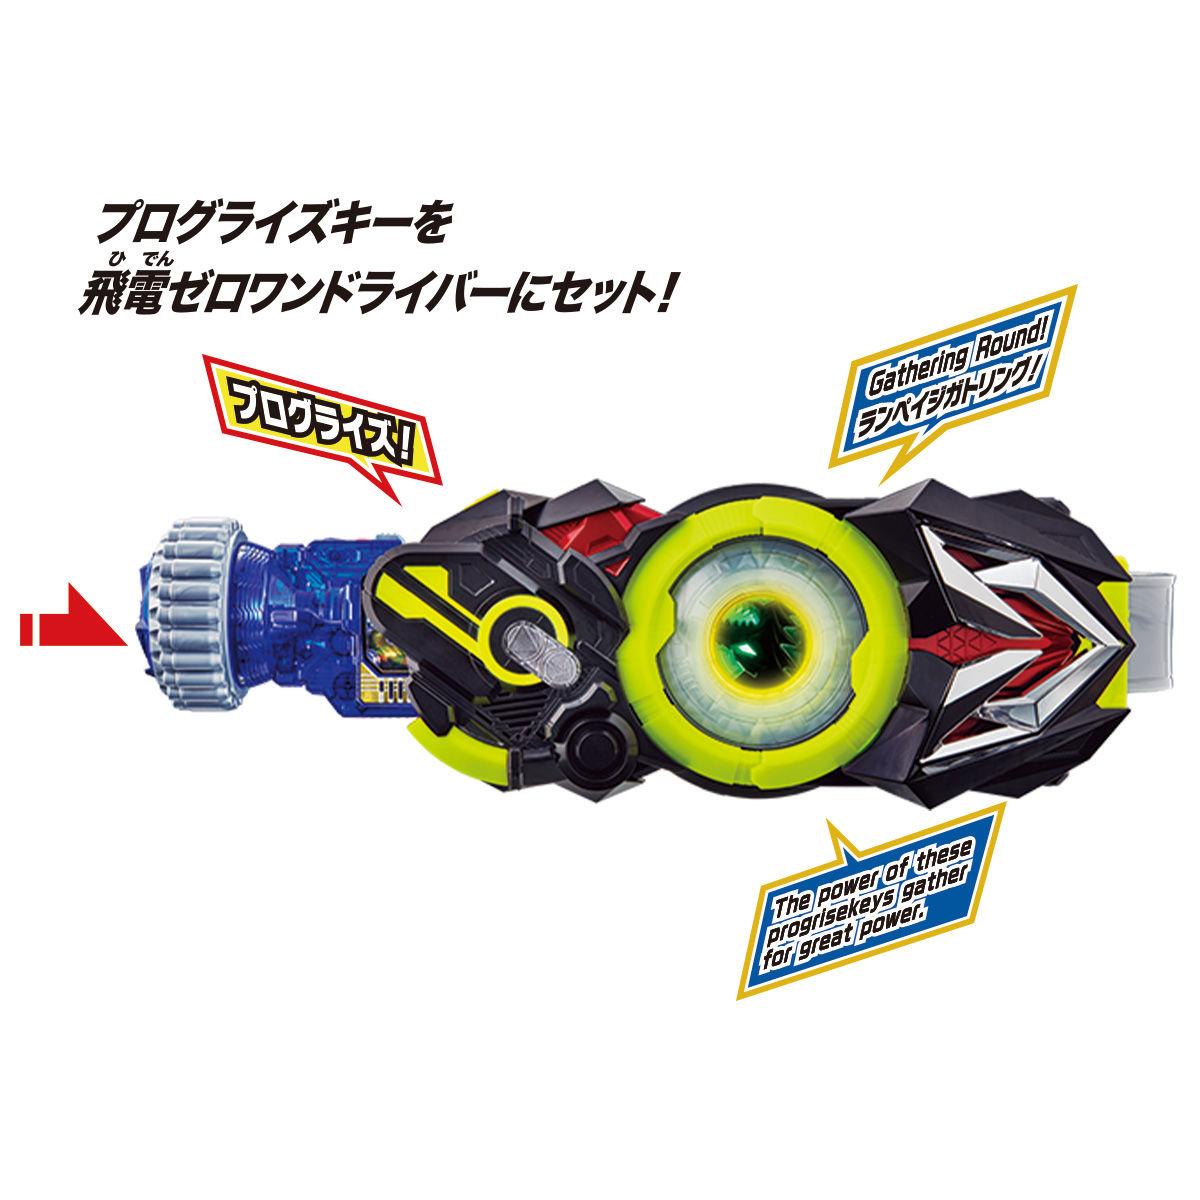 仮面ライダーゼロワン『DXランペイジガトリングプログライズキー』変身なりきり-006